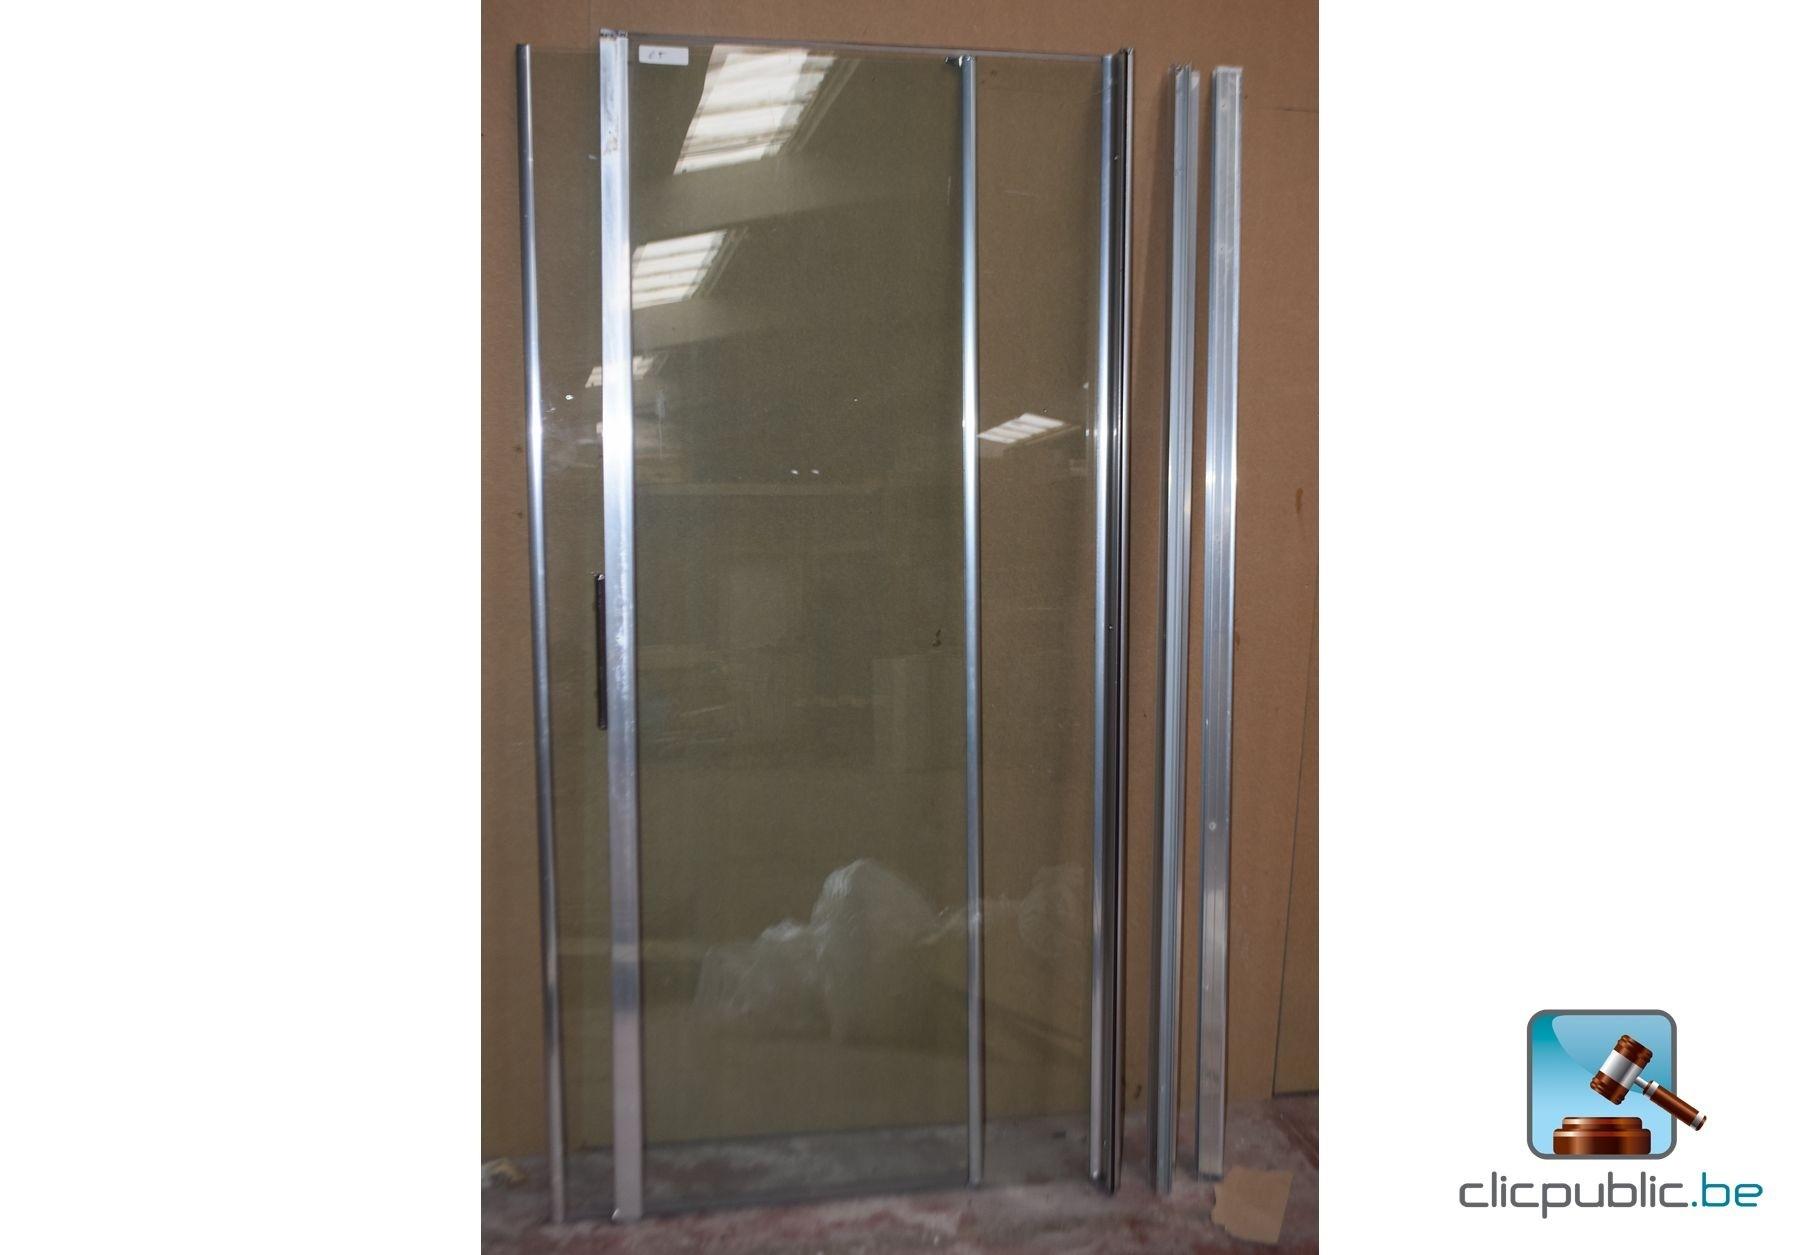 Sanitaire parois vitr es de douche ref 65 vendre sur - Paroi de douche vitree ...